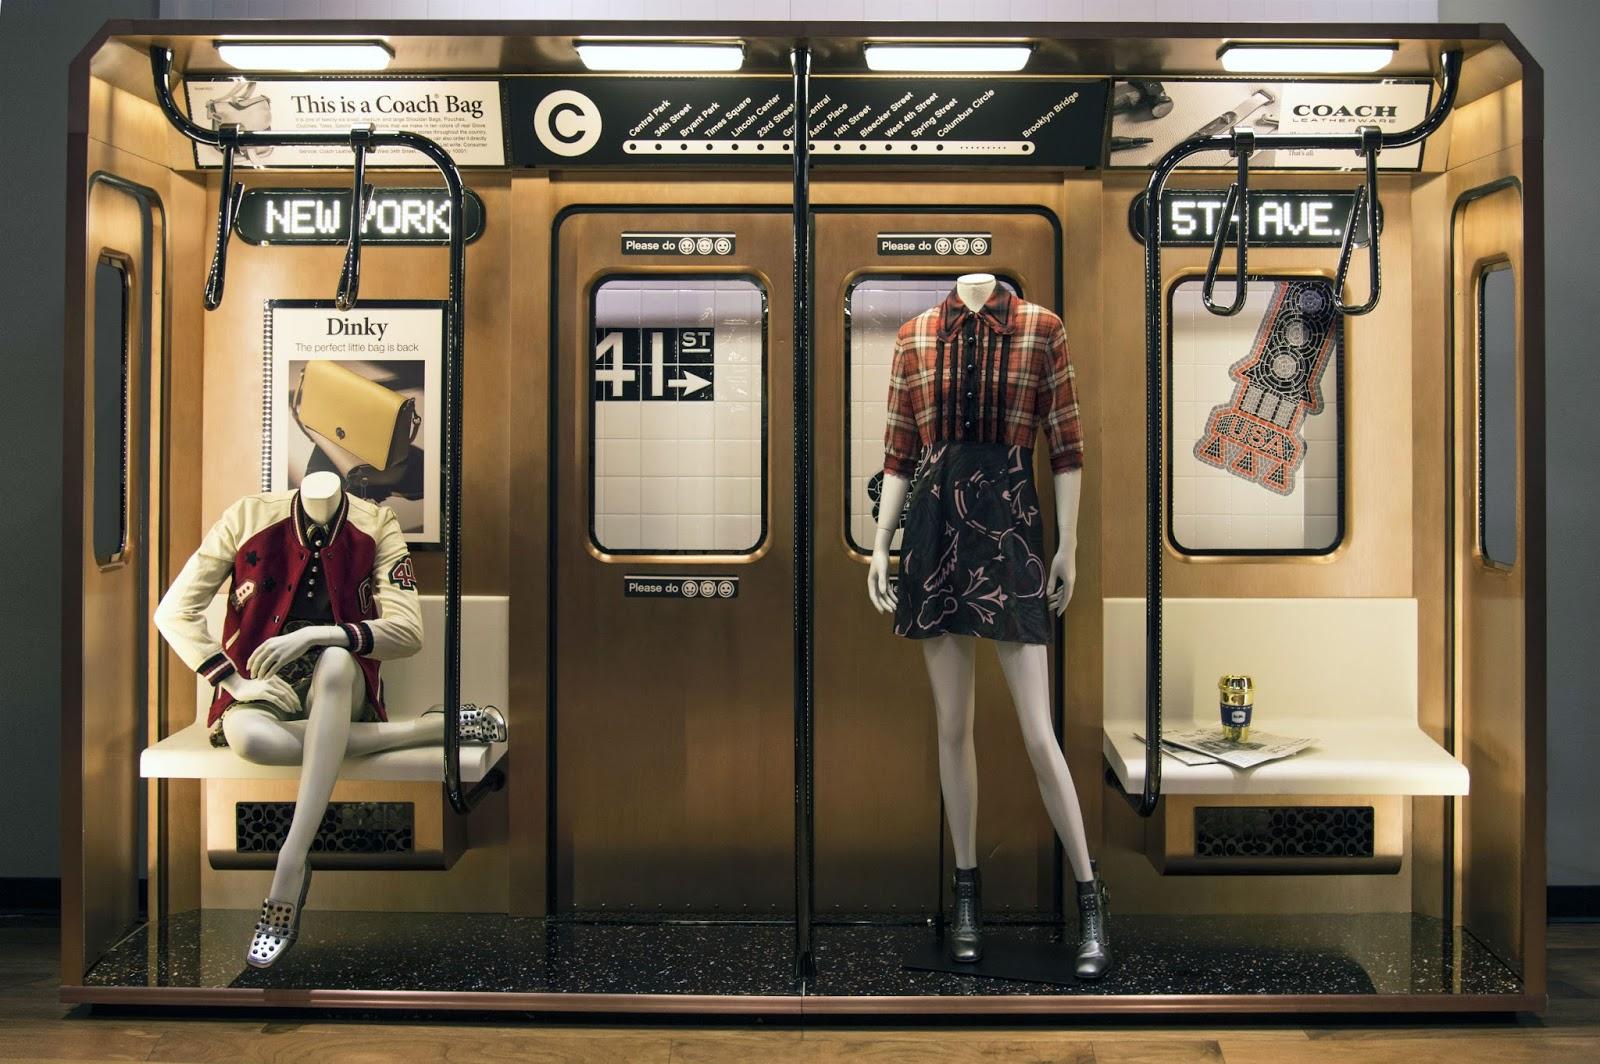 La importancia del visual marketing y las vitrinas seg n - Como iluminar un escaparate ...